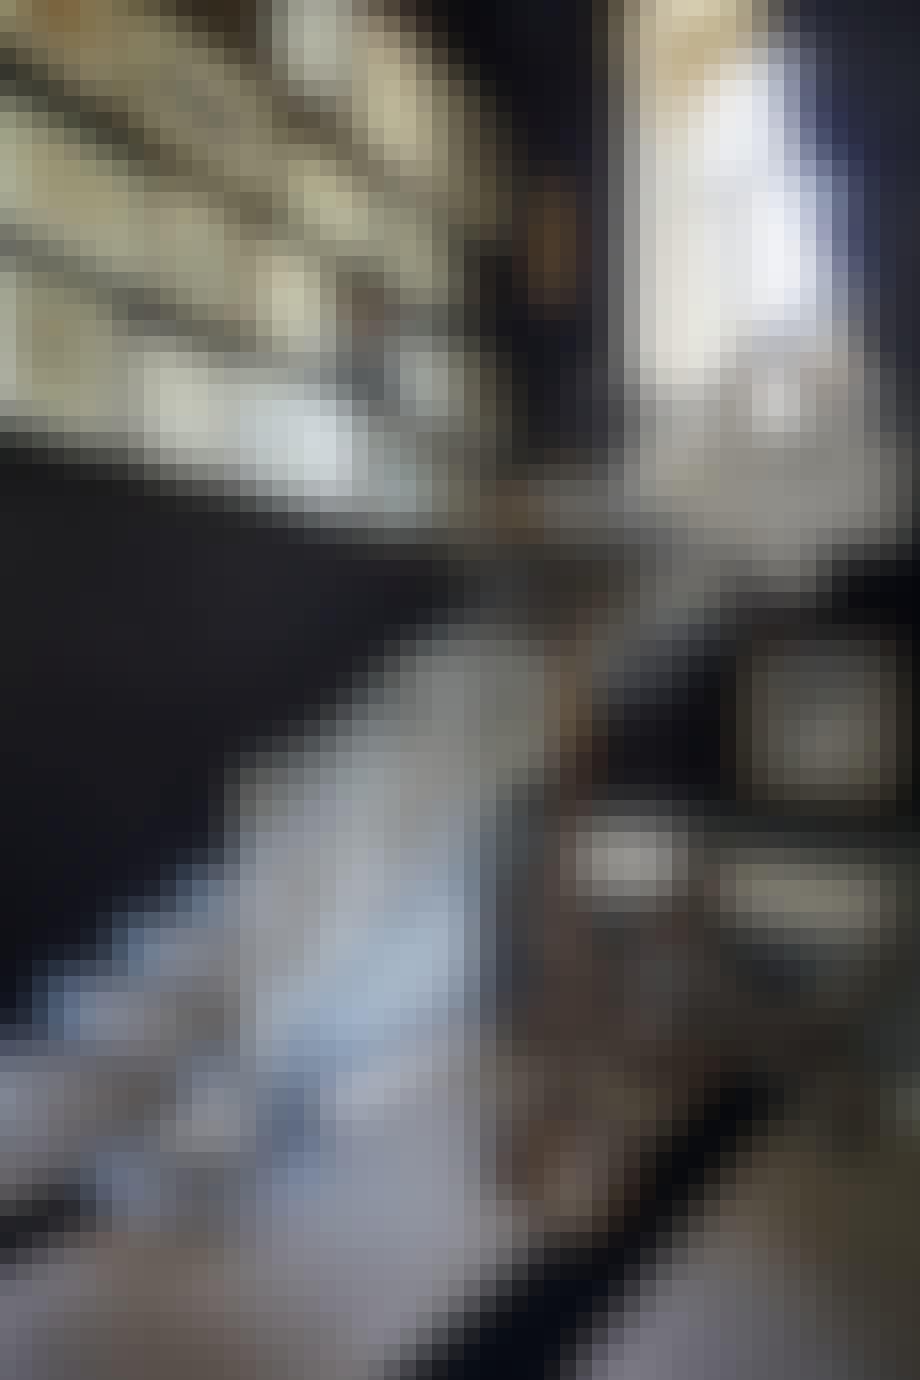 trappe opgang indretning gallerivæg